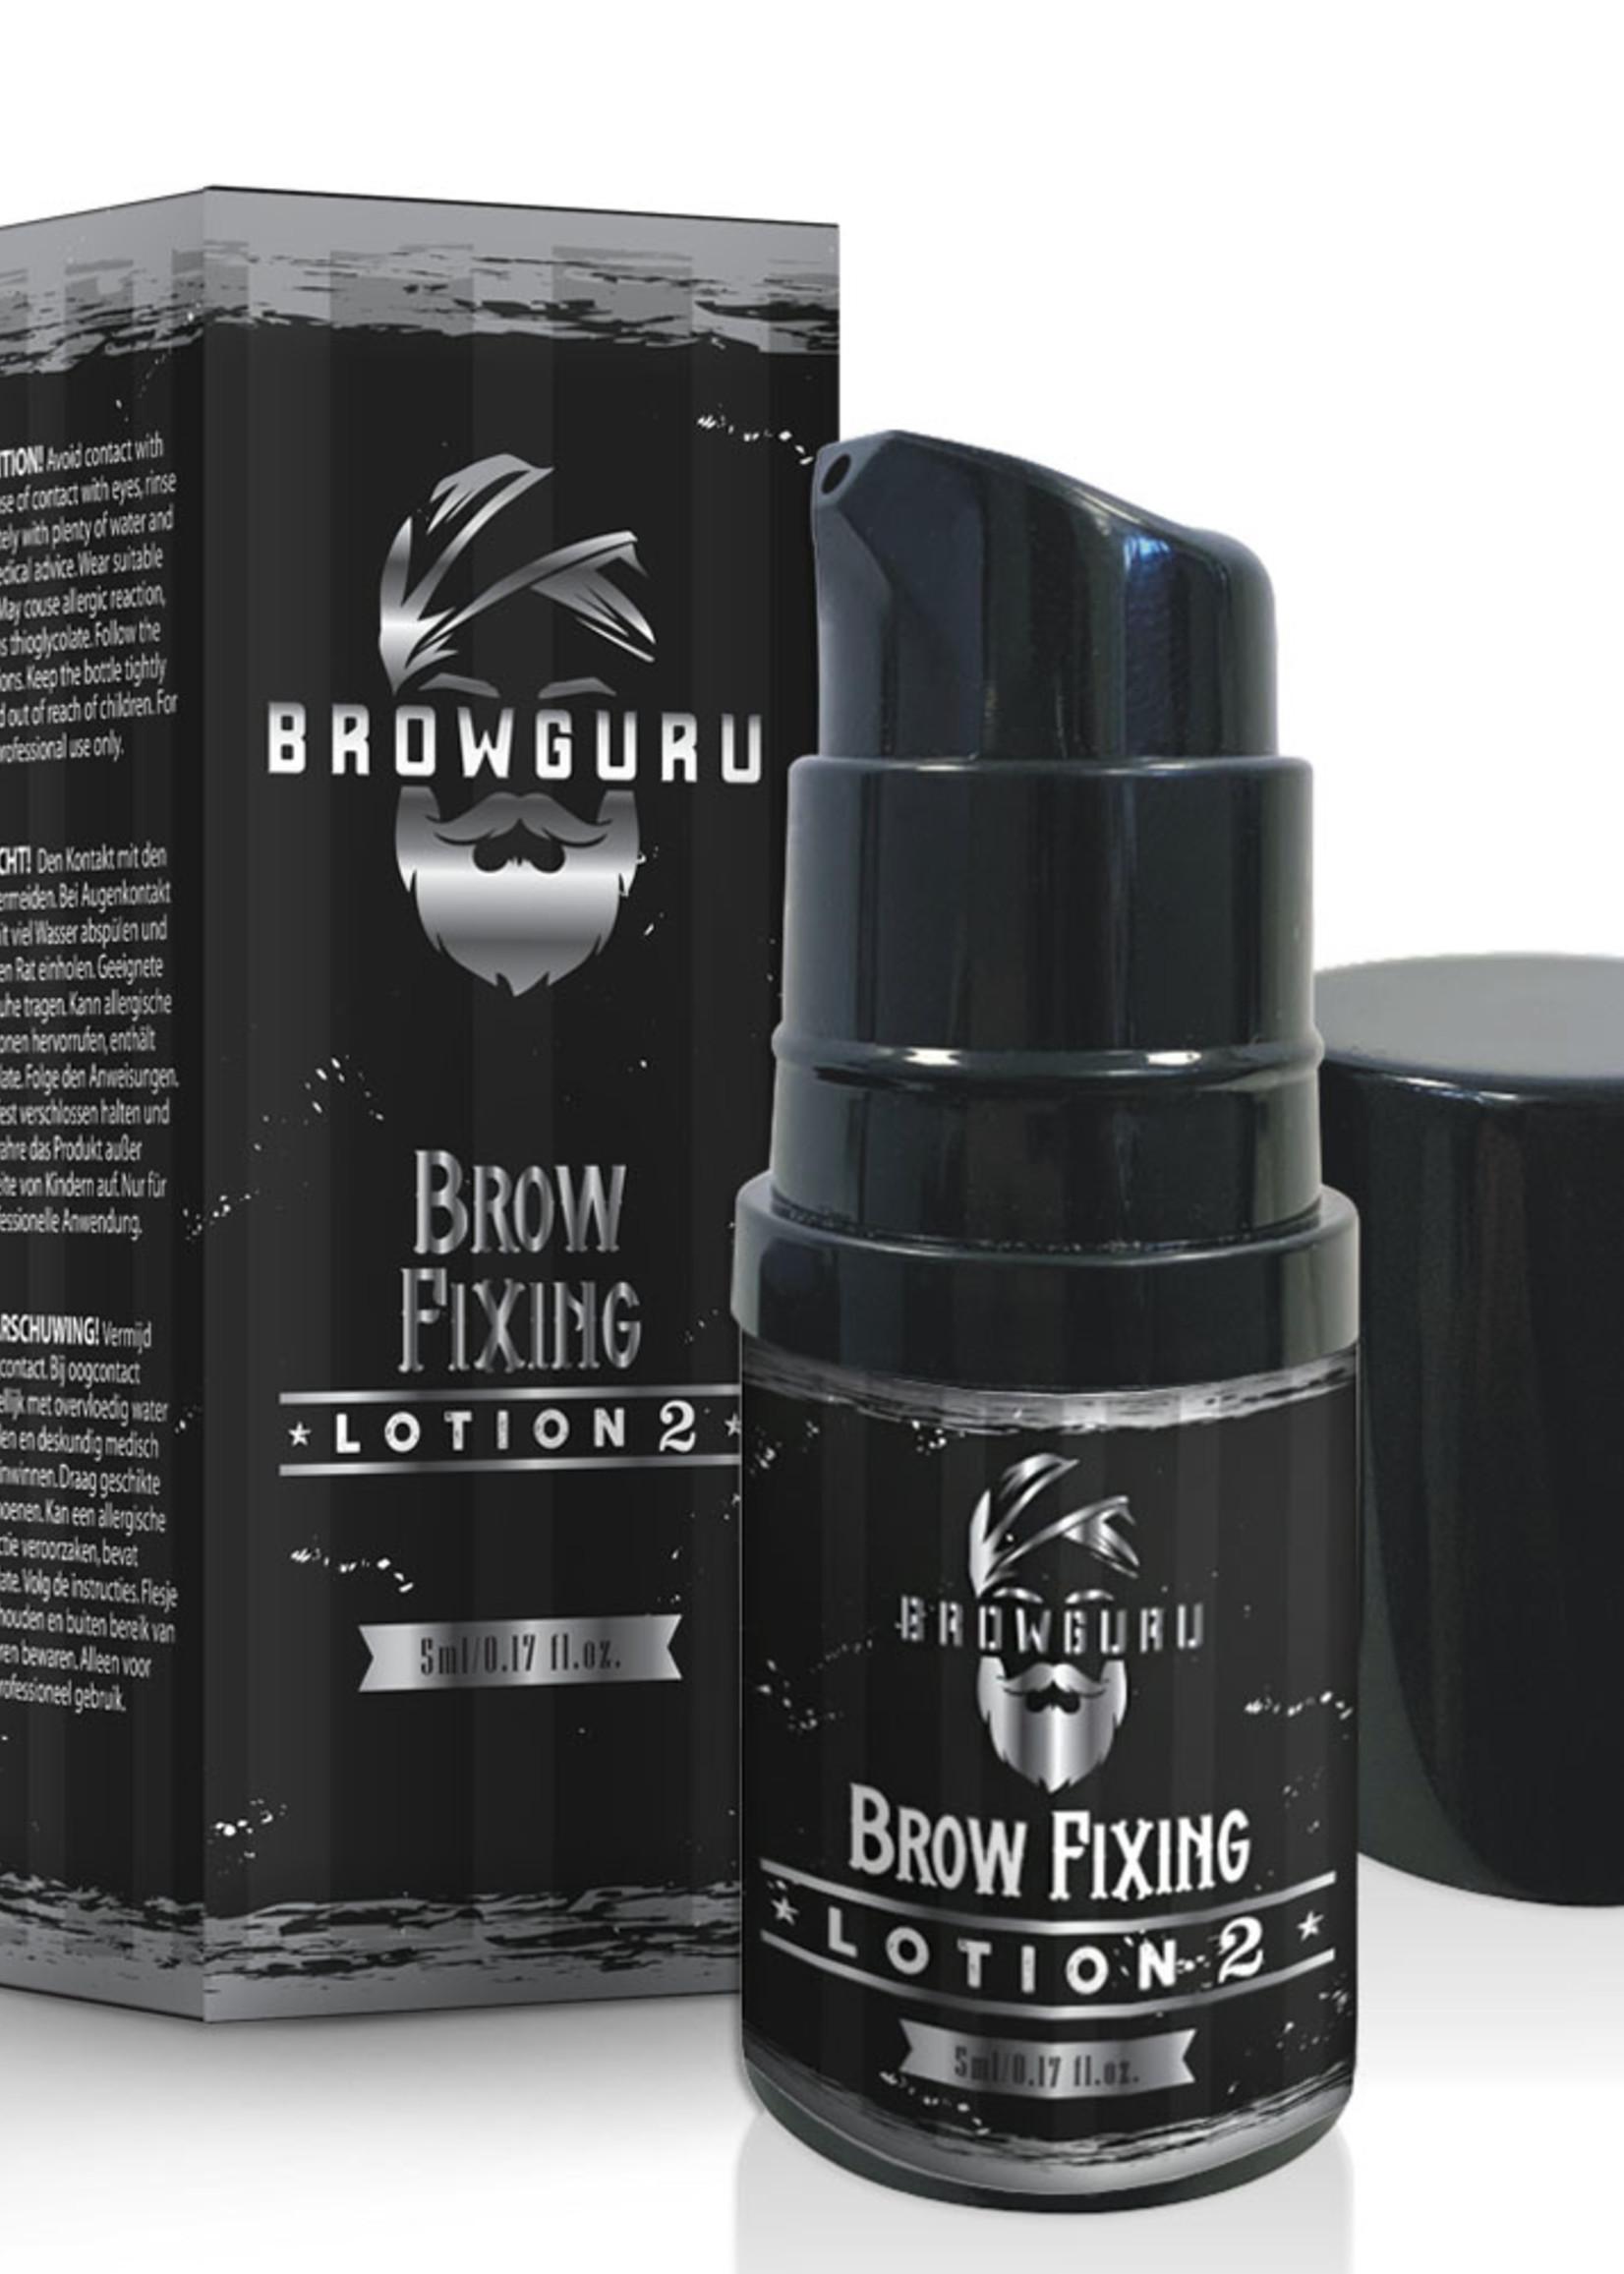 Browguru® Brow Lamination Fixing Lotion 2  5ml